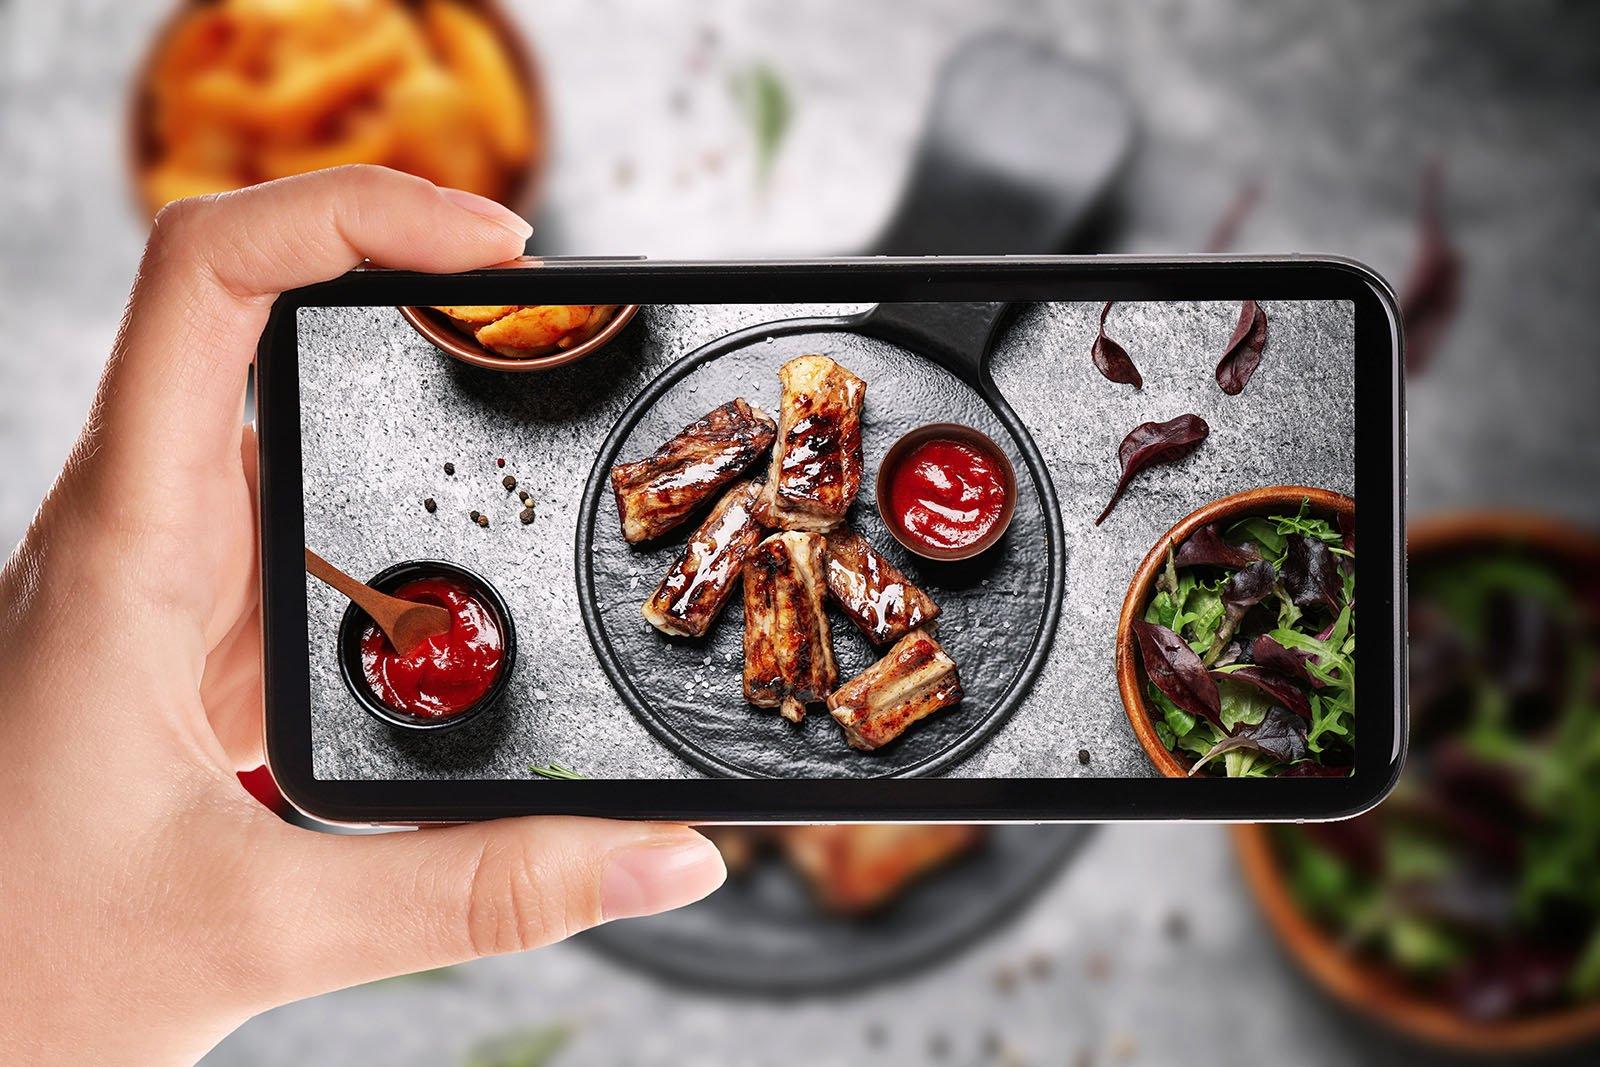 Top 5 Korean Blogs Getting Closer to Korean Food